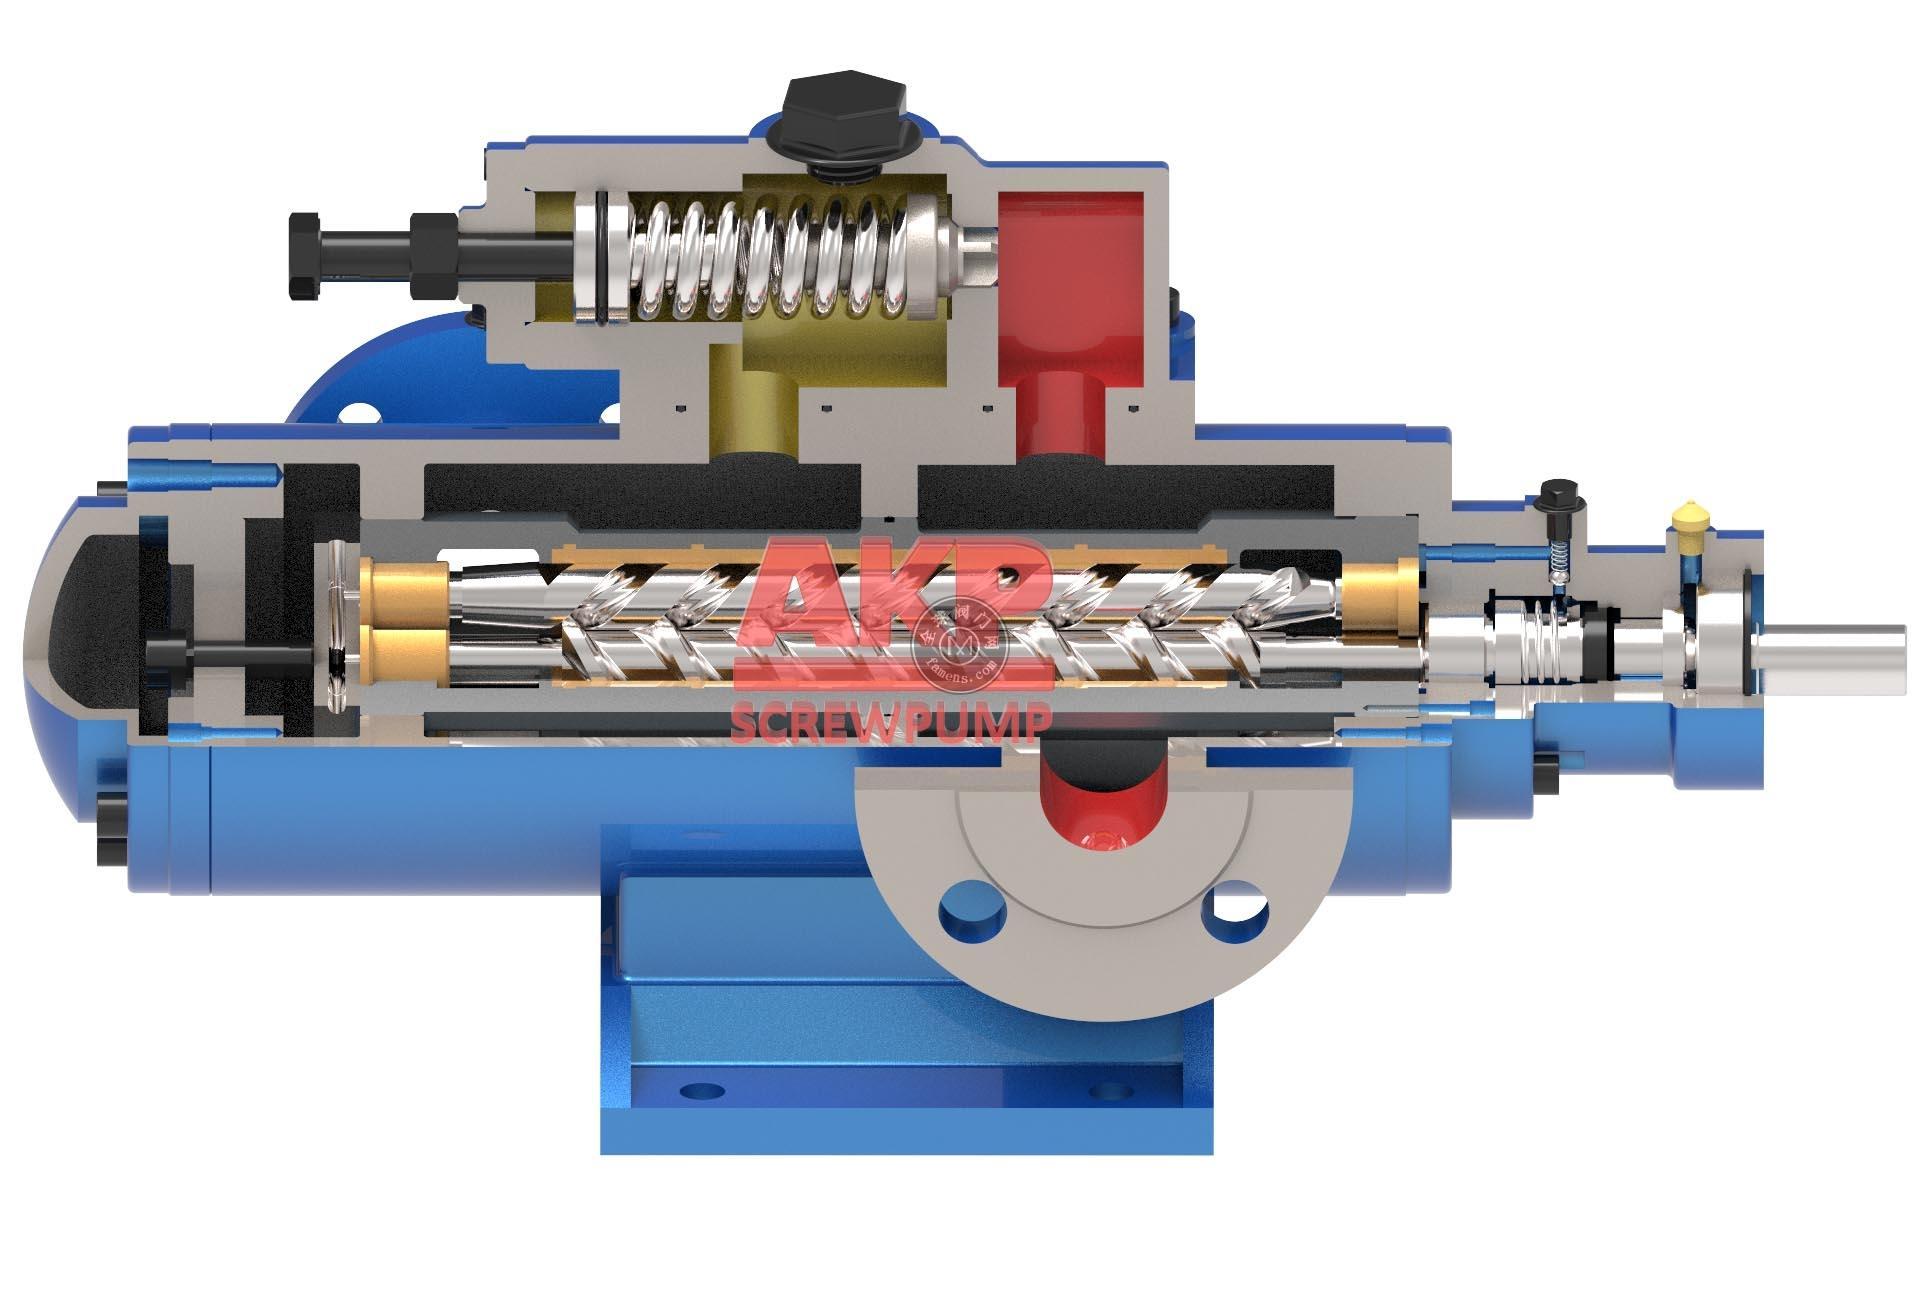 SMH系列点火油泵水泥厂窑头点火泵SMH80R46E6.7W23三螺杆泵厂家